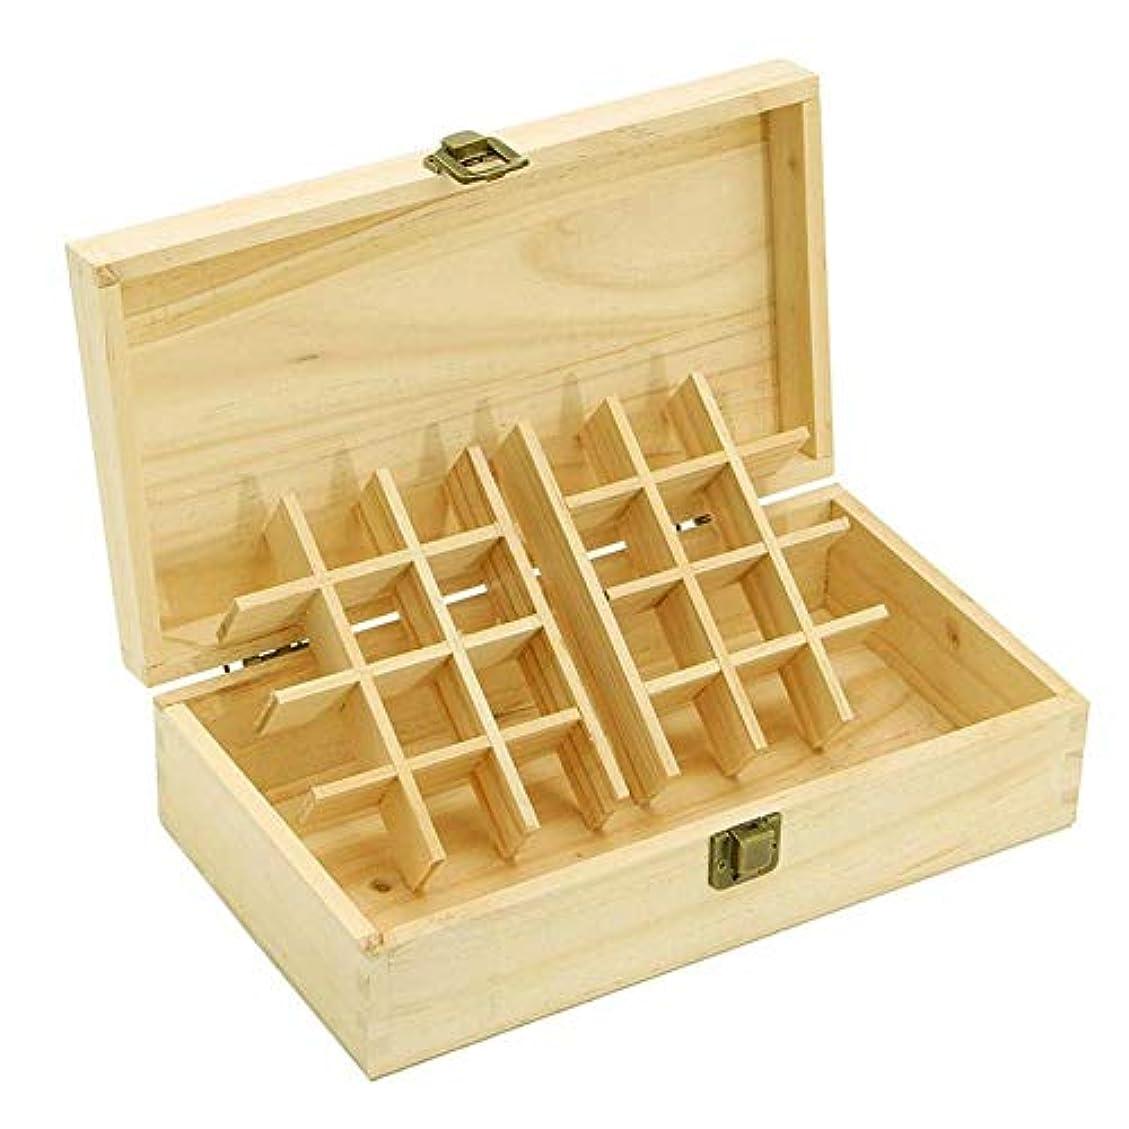 パンツ報酬の騒ぎエッセンシャルオイル収納ボックス 純木の精油の収納箱 香水収納ケース アロマオイル収納ボックス